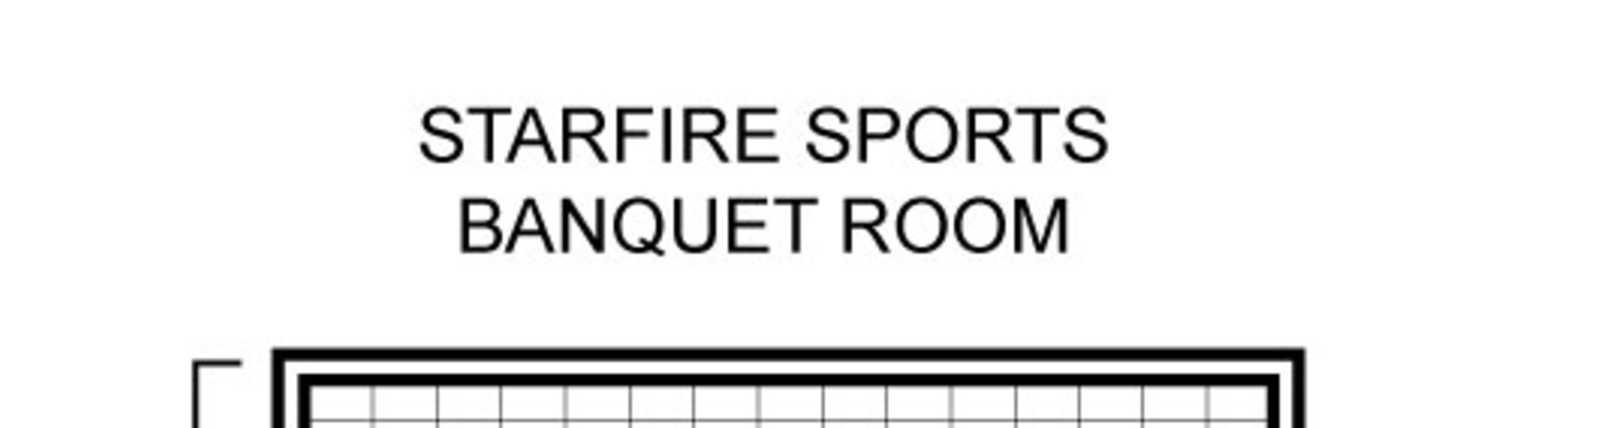 Banquet Room Floor Plan